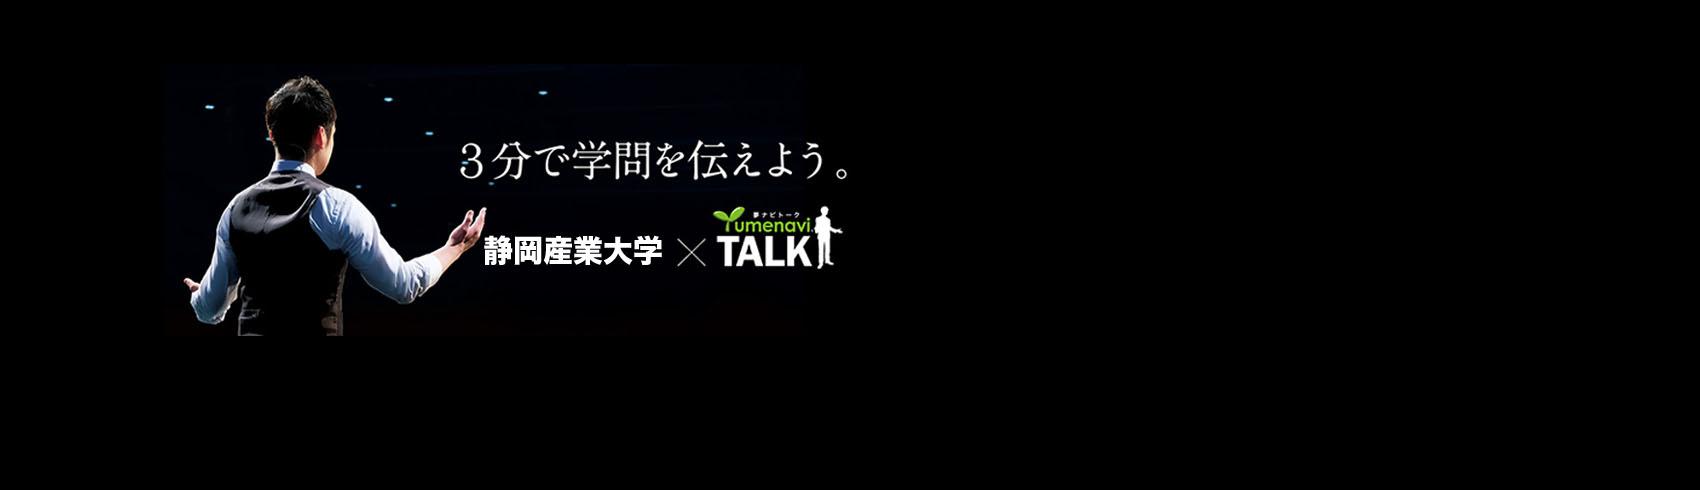 静岡産業大学 × Yumenavi TALK